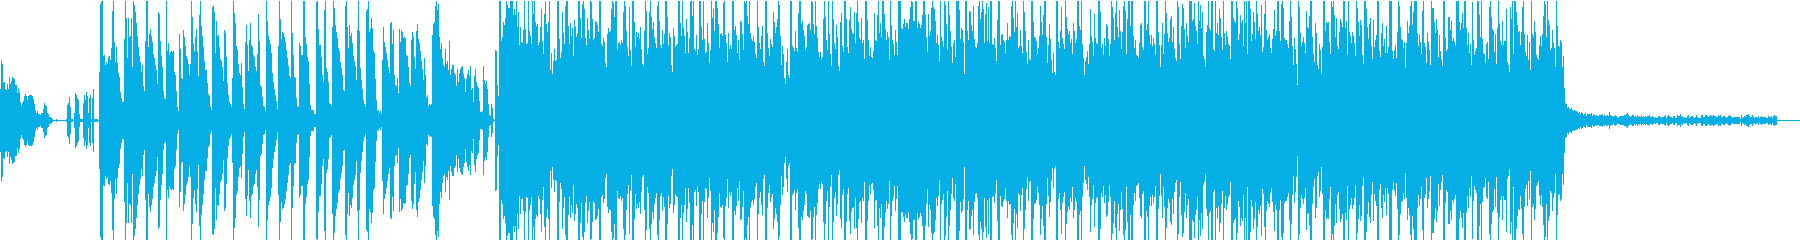 疾走感あるおしゃれな曲の再生済みの波形